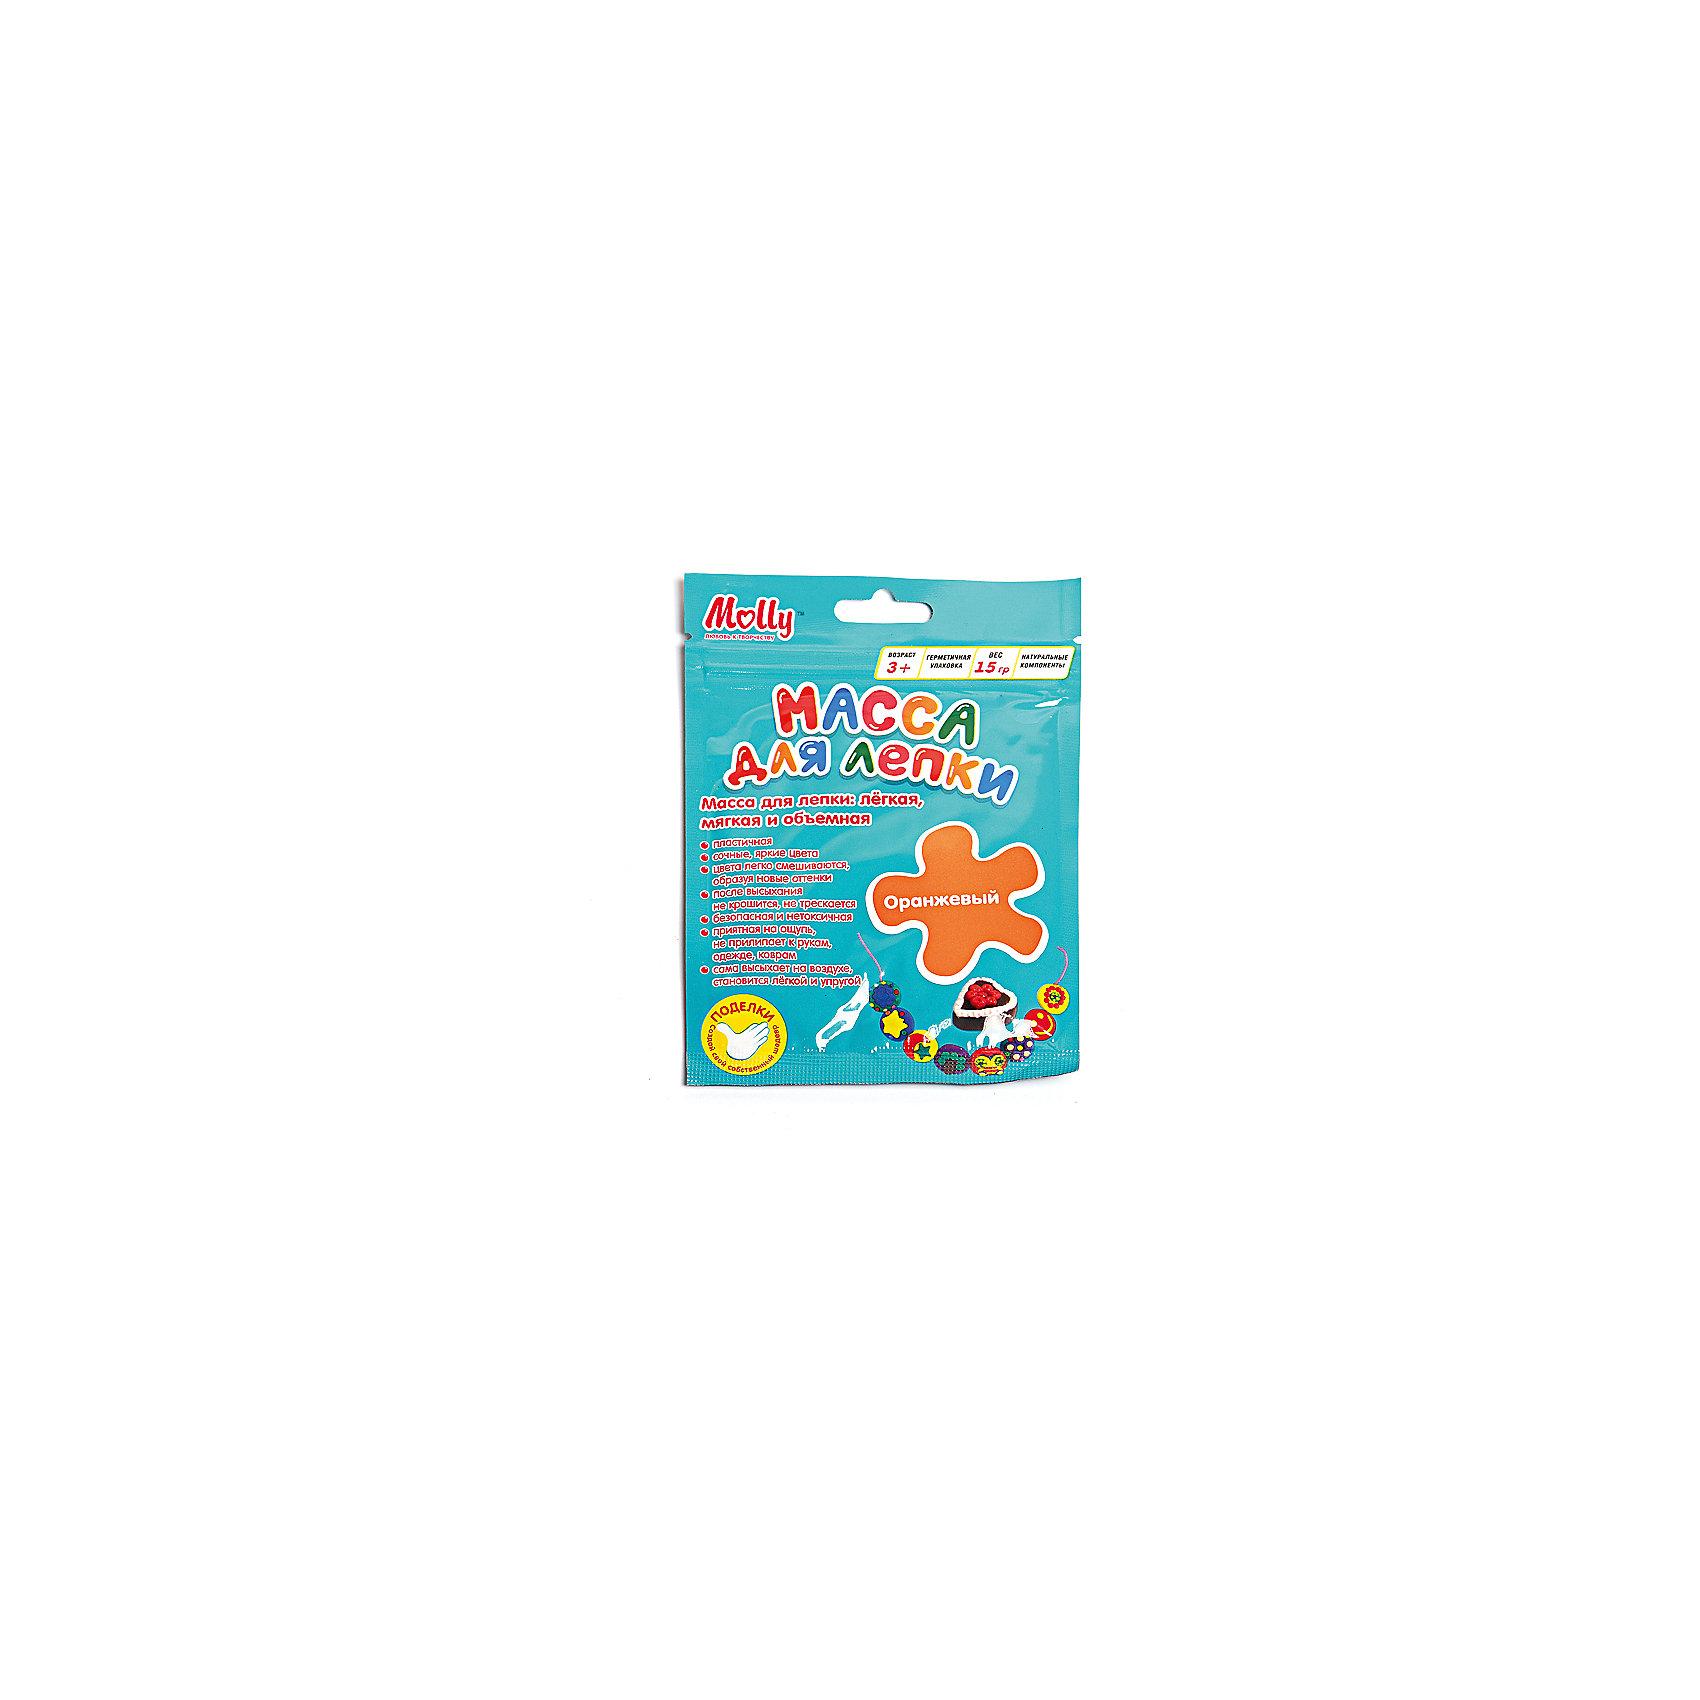 Масса для лепки 15 г, оранжеваяЛепка<br>Характеристики товара:<br><br>• материал упаковки: пластик <br>• в комплект входит: масса для лепки<br>• количество цветов: 1<br>• возраст: от 3 лет<br>• габариты упаковки: 10х0,8х15 см<br>• вес: 15 г<br>• страна производитель: Россия<br><br>Работа с материалами для лепки благотворно влияет на развитие малыша. Лепка развивает тактильные восприятия, работает с мелкой моторикой и творческими способностями. Итог лепки – яркая и необычная игрушка, сделанная своими руками. Материалы, использованные при изготовлении товаров, проходят проверку на качество и соответствие международным требованиям по безопасности.<br><br>Готовые поделки можно высушить на открытом воздухе в течение 12-36 часов без применения обжига. При этом масса не трескается и не крошится. <br><br>Массу для лепки 15 г, оранжевая можно купить в нашем интернет-магазине.<br><br>Ширина мм: 100<br>Глубина мм: 8<br>Высота мм: 150<br>Вес г: 15<br>Возраст от месяцев: 36<br>Возраст до месяцев: 2147483647<br>Пол: Унисекс<br>Возраст: Детский<br>SKU: 5417585